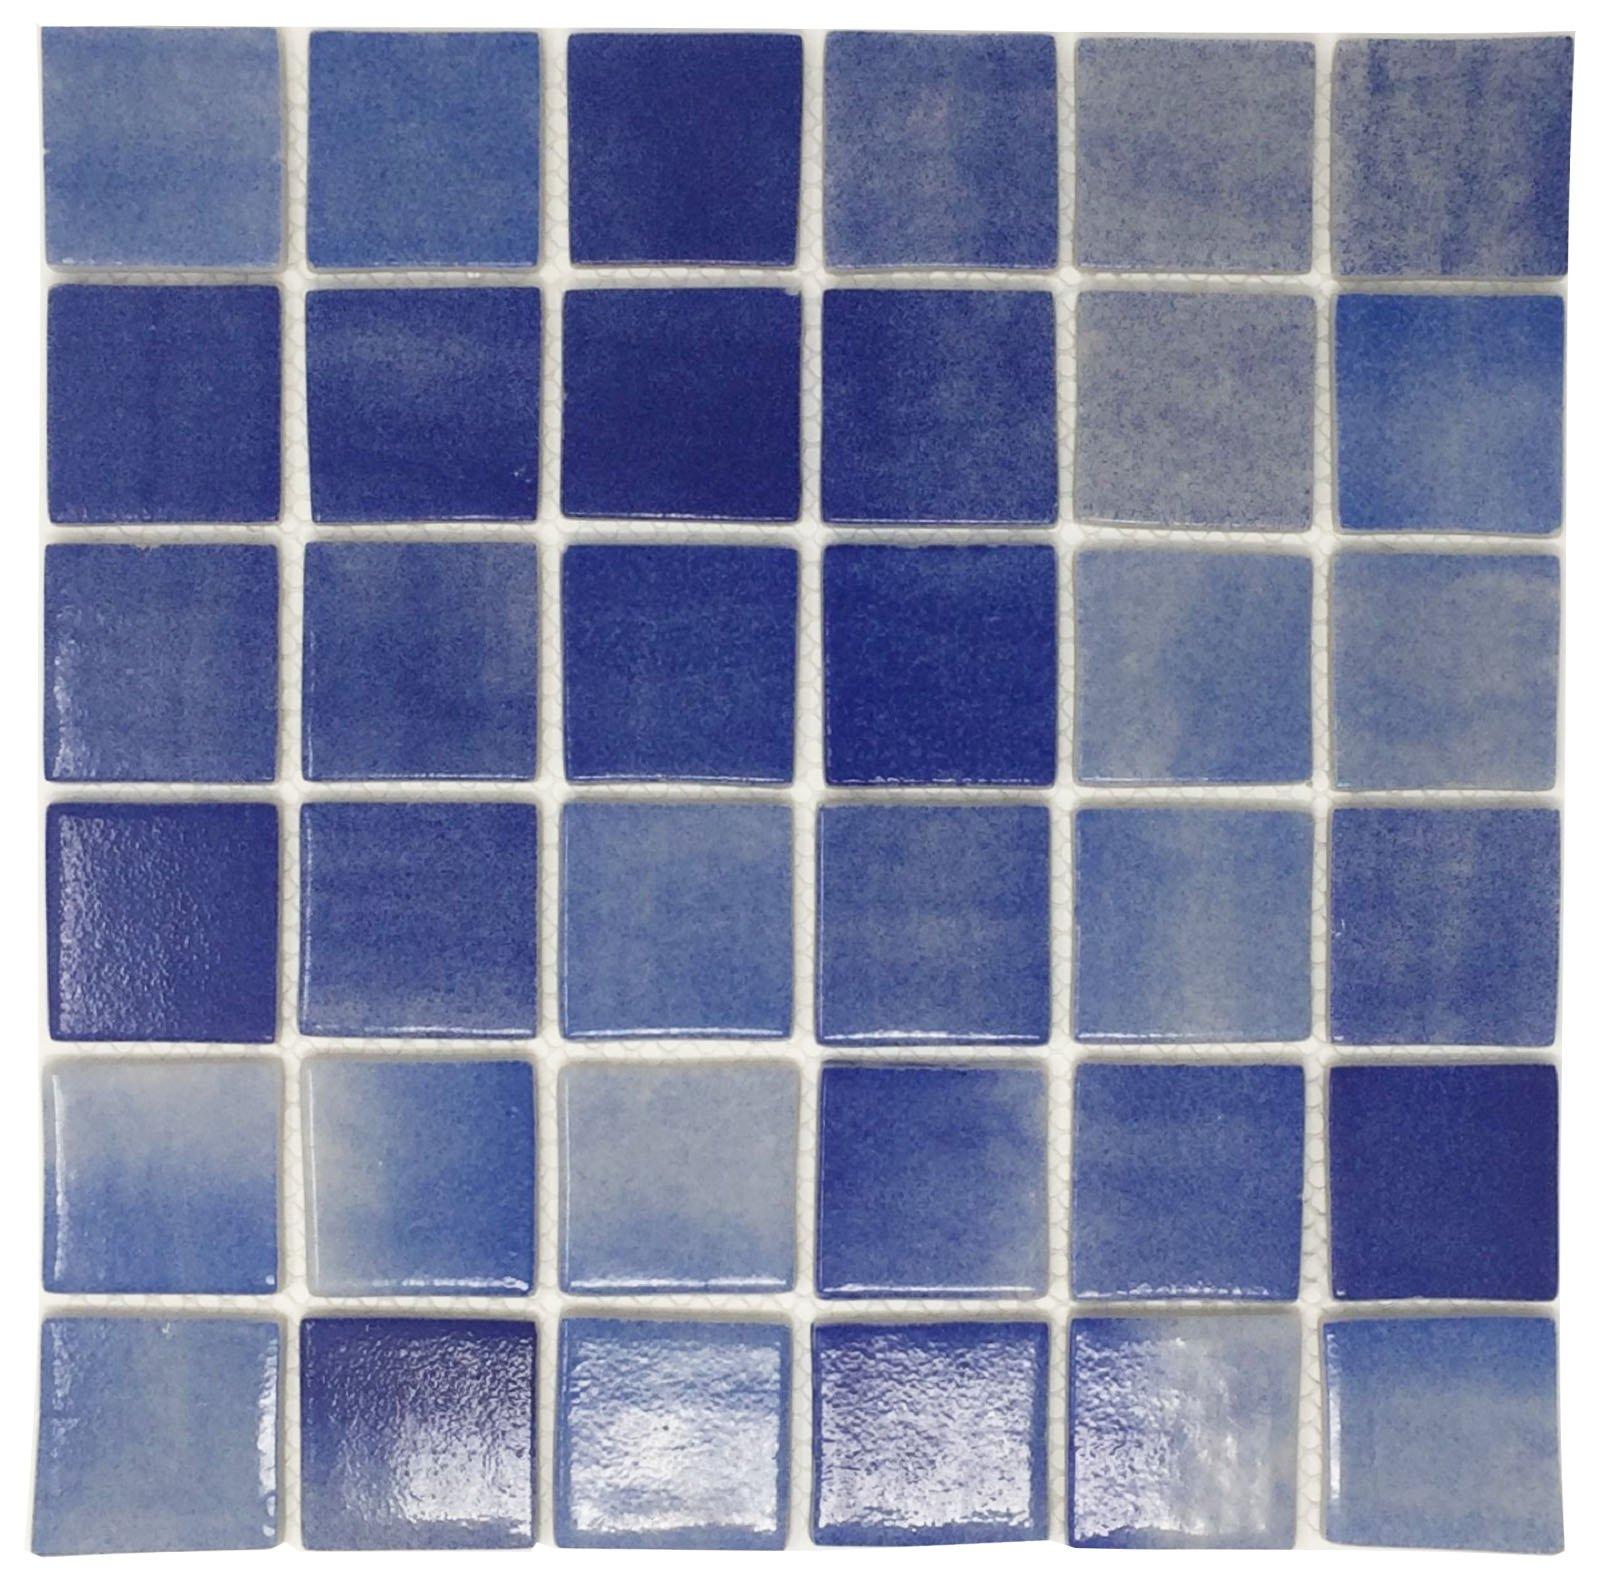 Porcelain Mosaic Tile, FB50506 - Blue Square, Chip SIZ 2''X2'' Square, Sheet Size 12''X12''X1/4'', Shiny (Box of 5 Sheets)